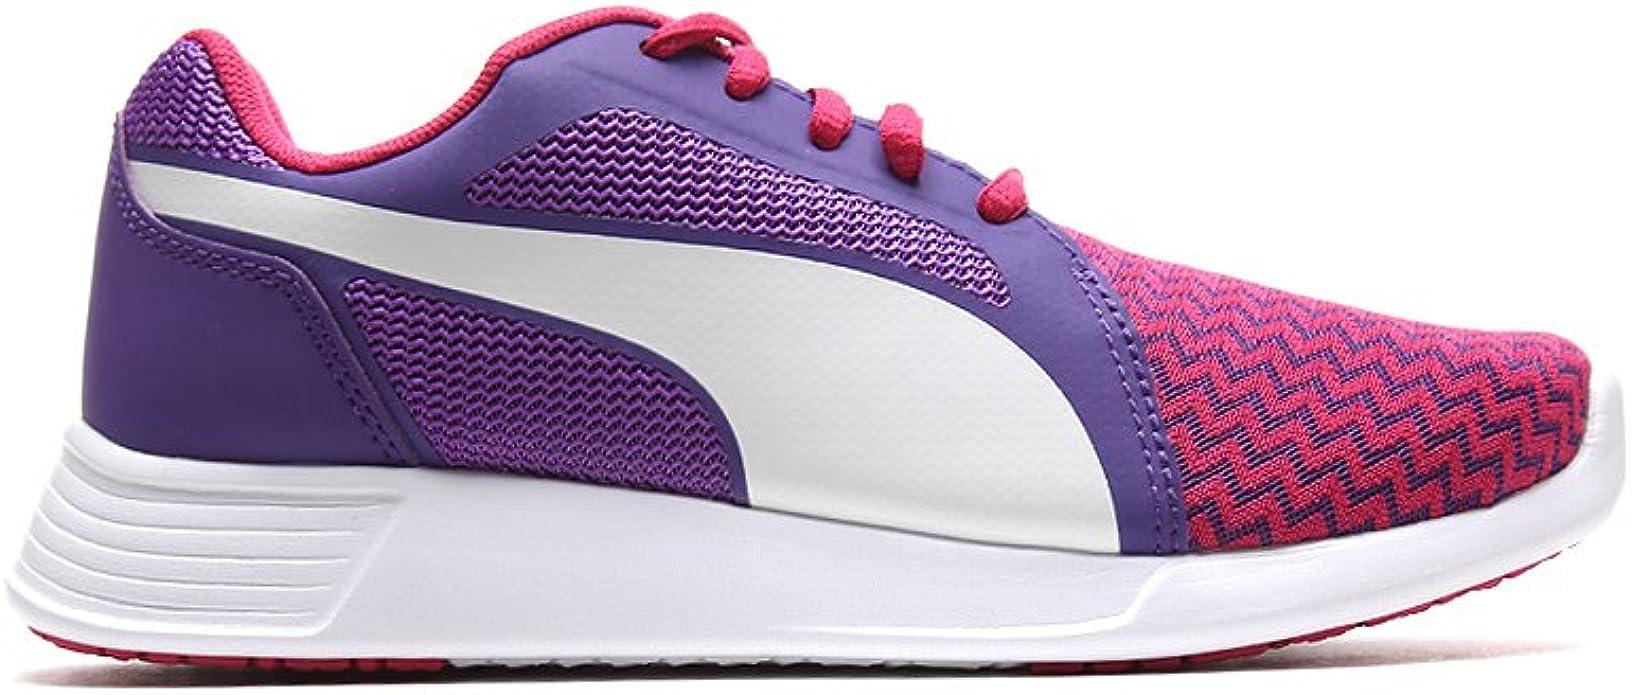 Puma - Zapatillas de Nordic Walking de Lona para Mujer Rosa Fucsia: Amazon.es: Zapatos y complementos